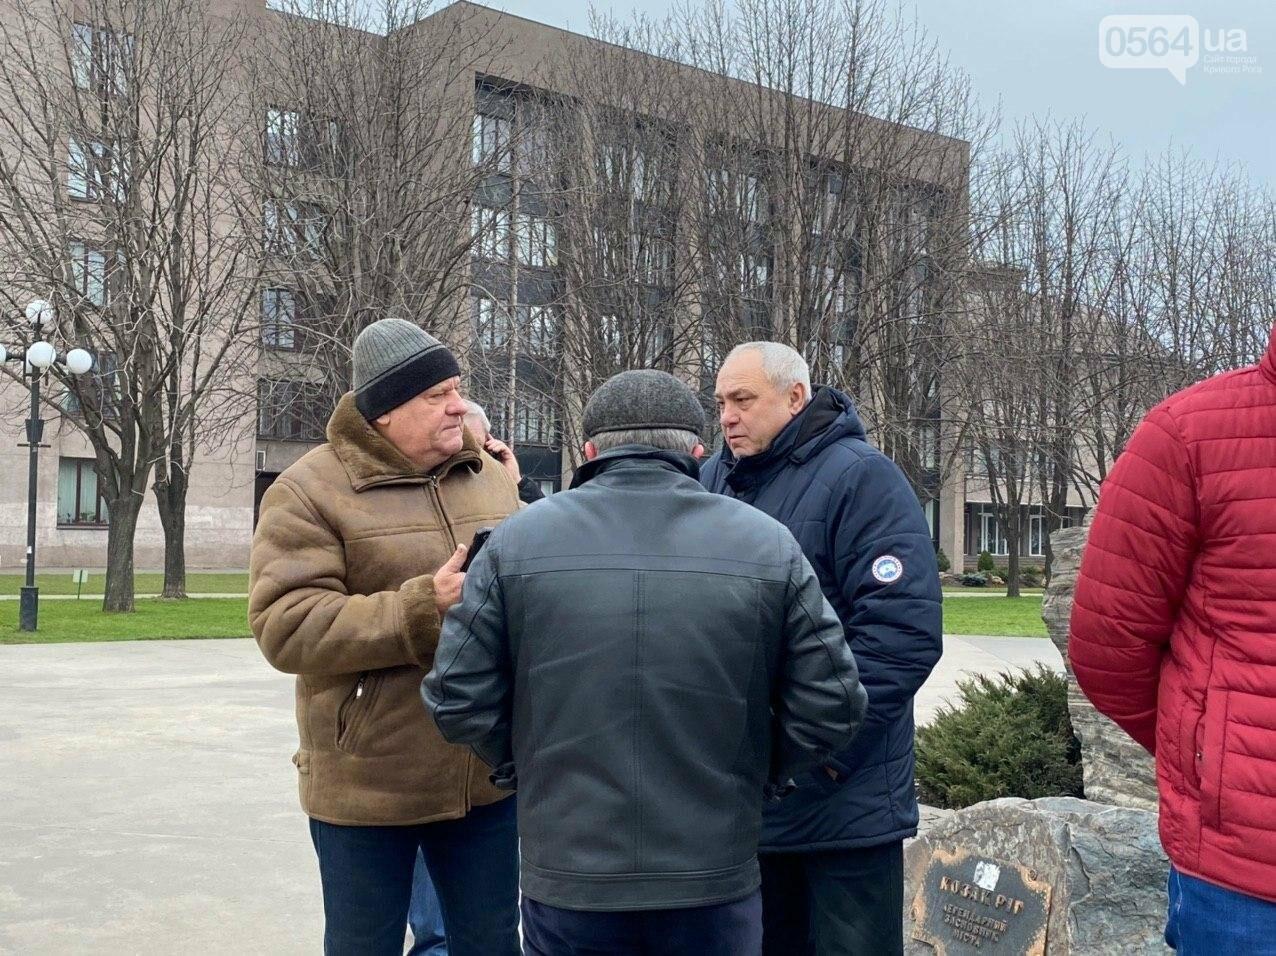 Криворожане записали видеообращение к земляку-президенту и рассказали, как ему убивают рейтинги в городе, - ФОТО, ВИДЕО , фото-9